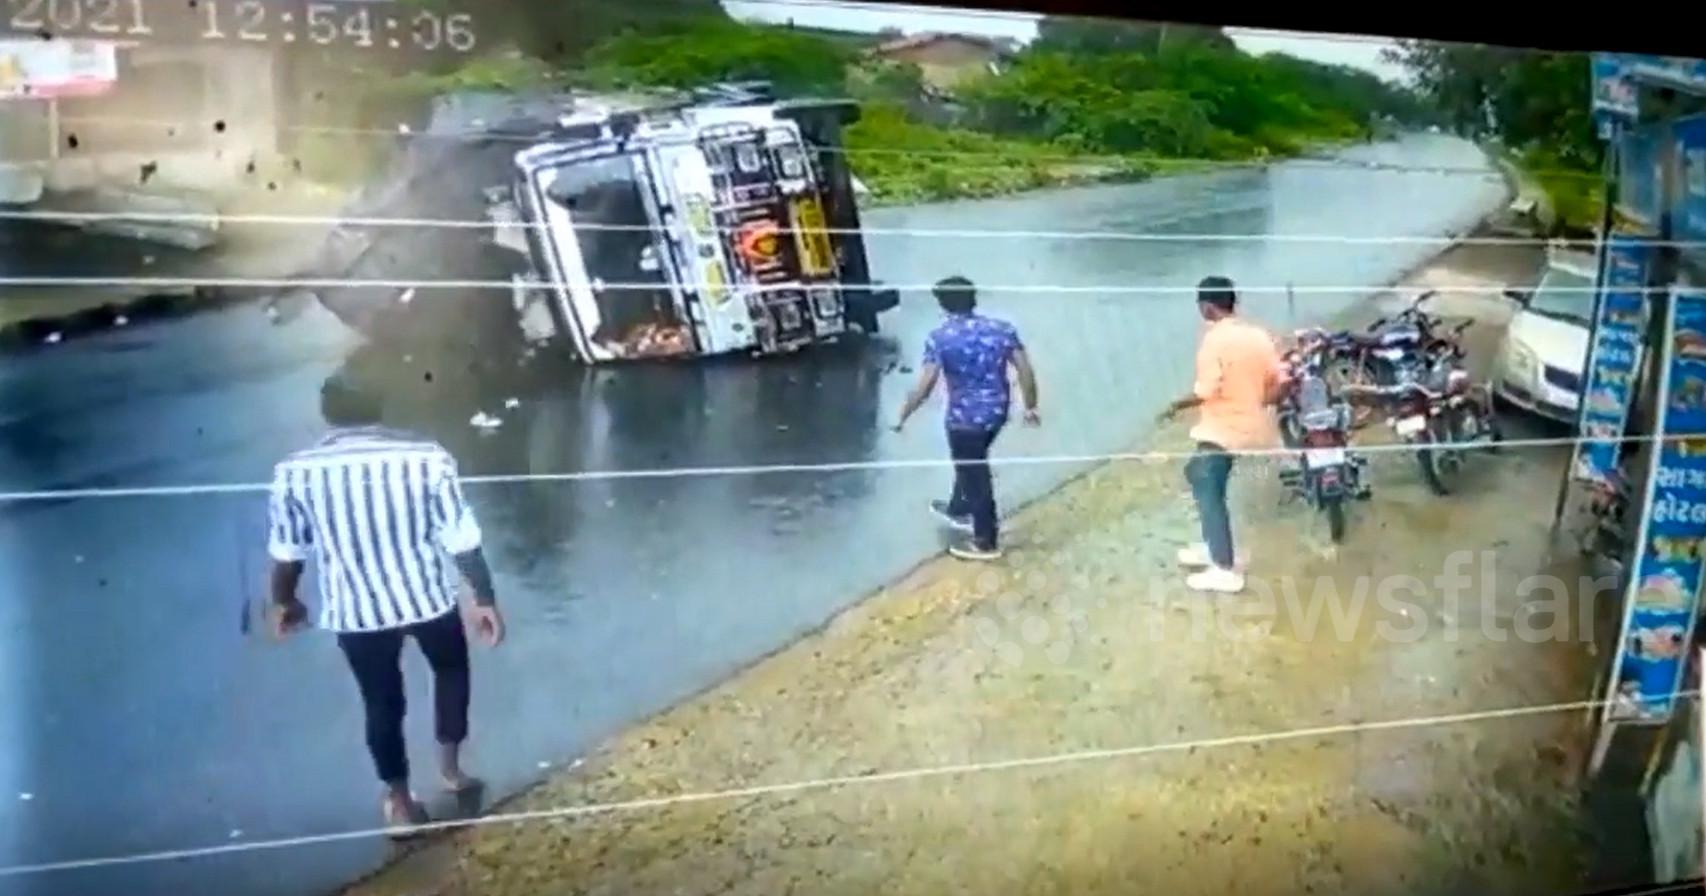 Hiện trường vụ tai nạn, xe tải lặt nghiêng trên đường